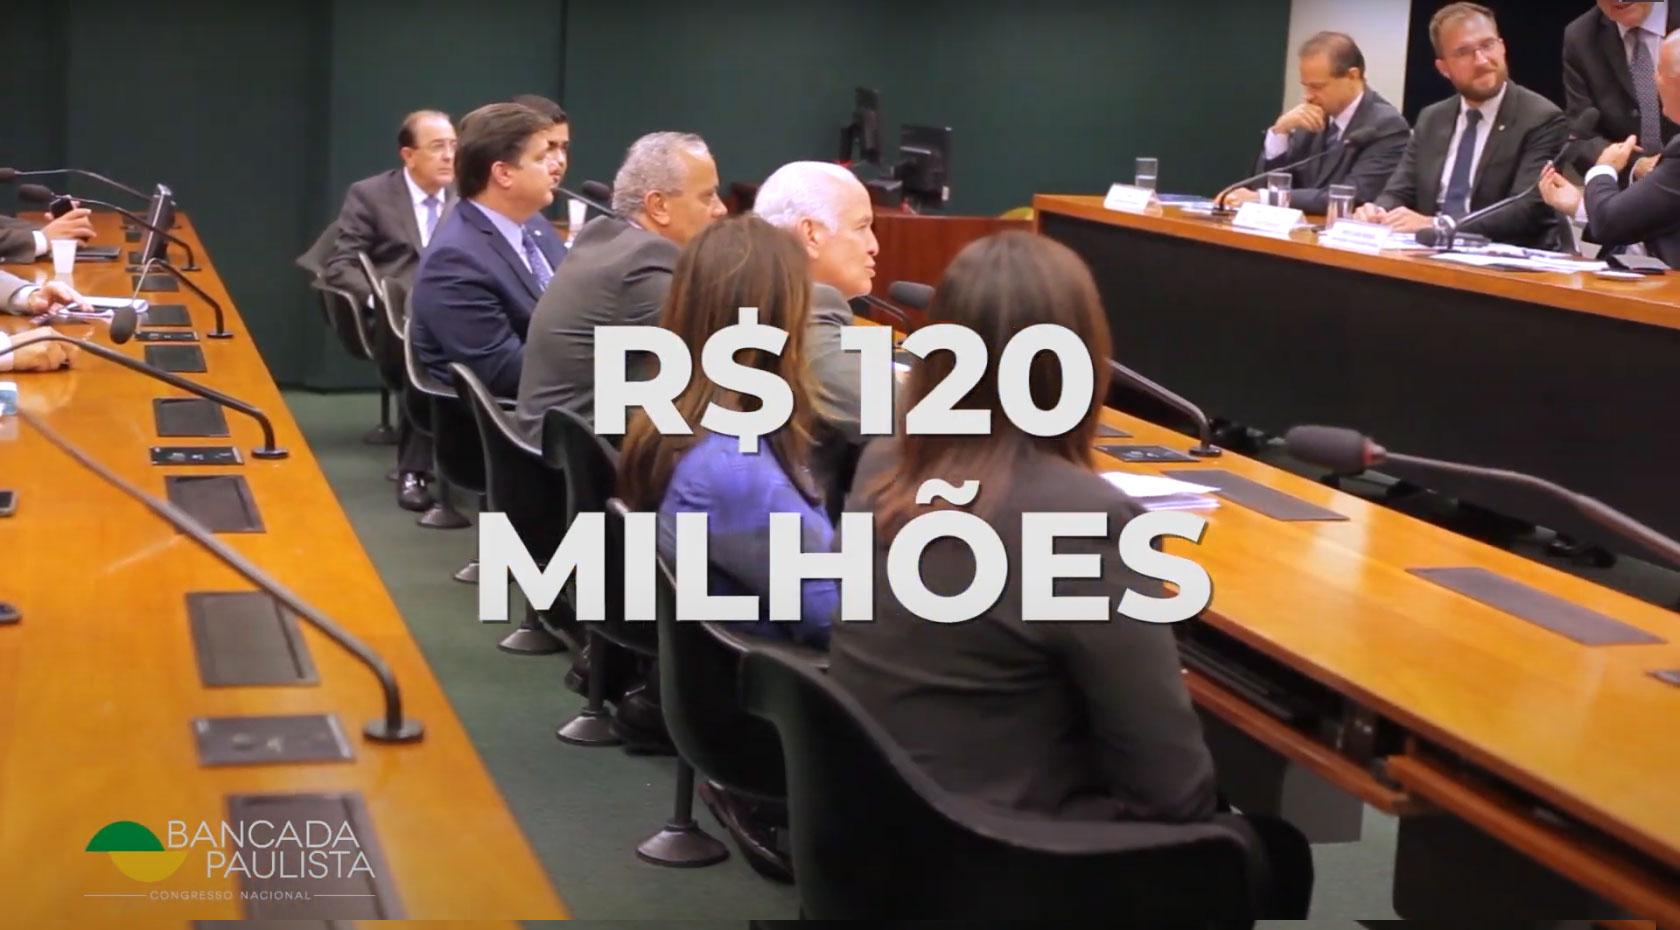 bancada-paulista-destina-r-120-milhoes-para-a-saude - Acao Comunicativa